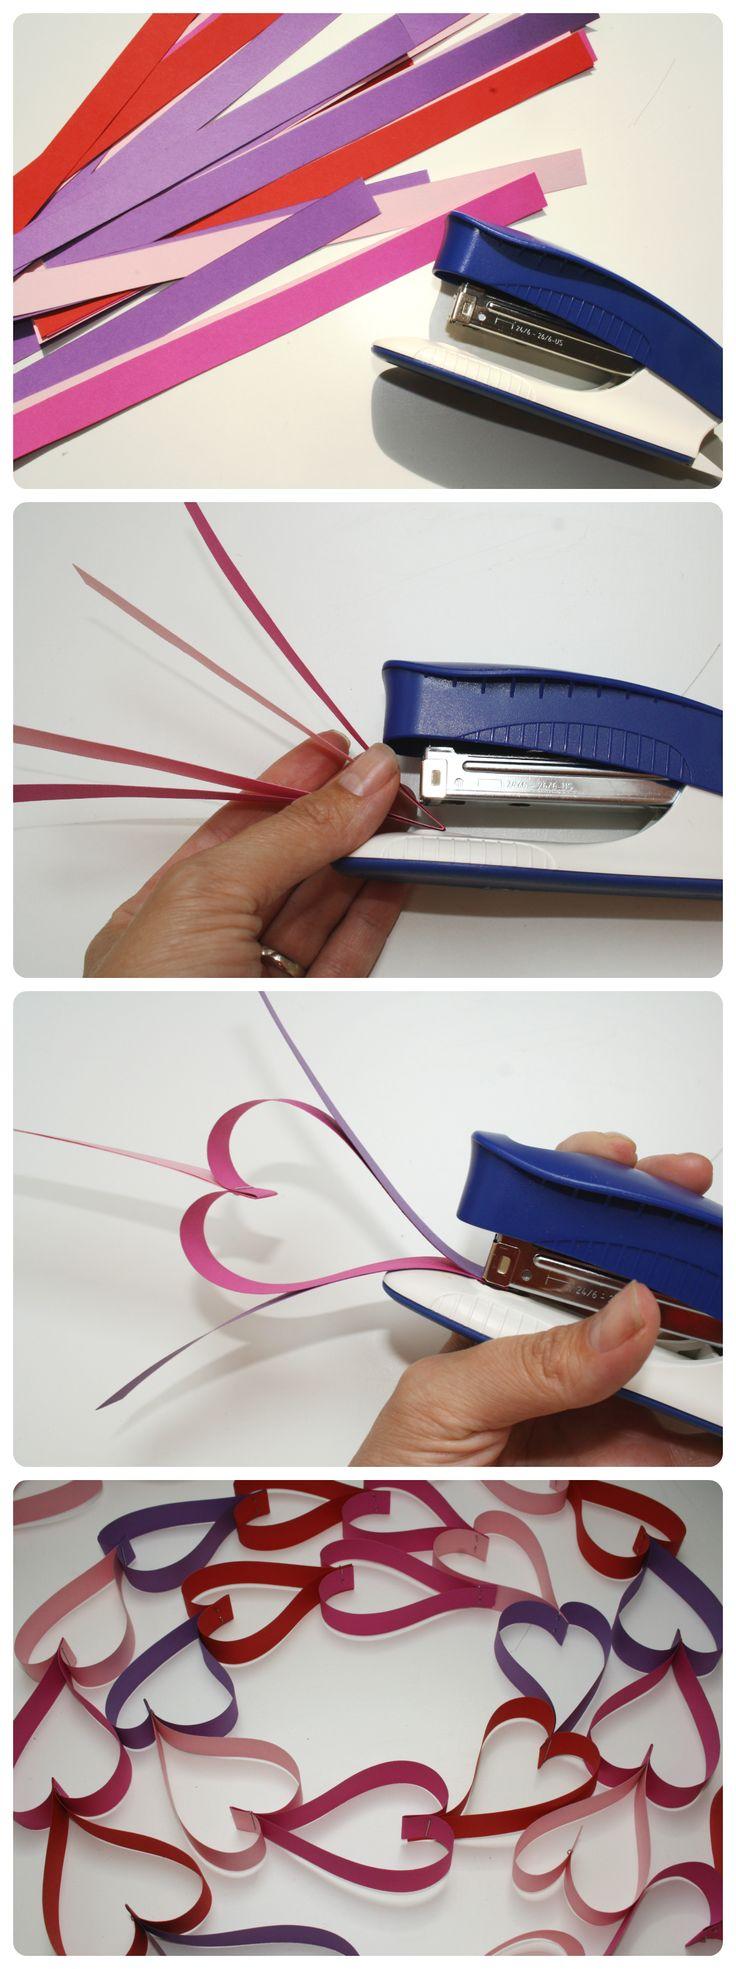 Girlanda, ozdobný řetěz se srdíčky. Snadno vytvoříte z barevného papíru pomocí sešívačky.